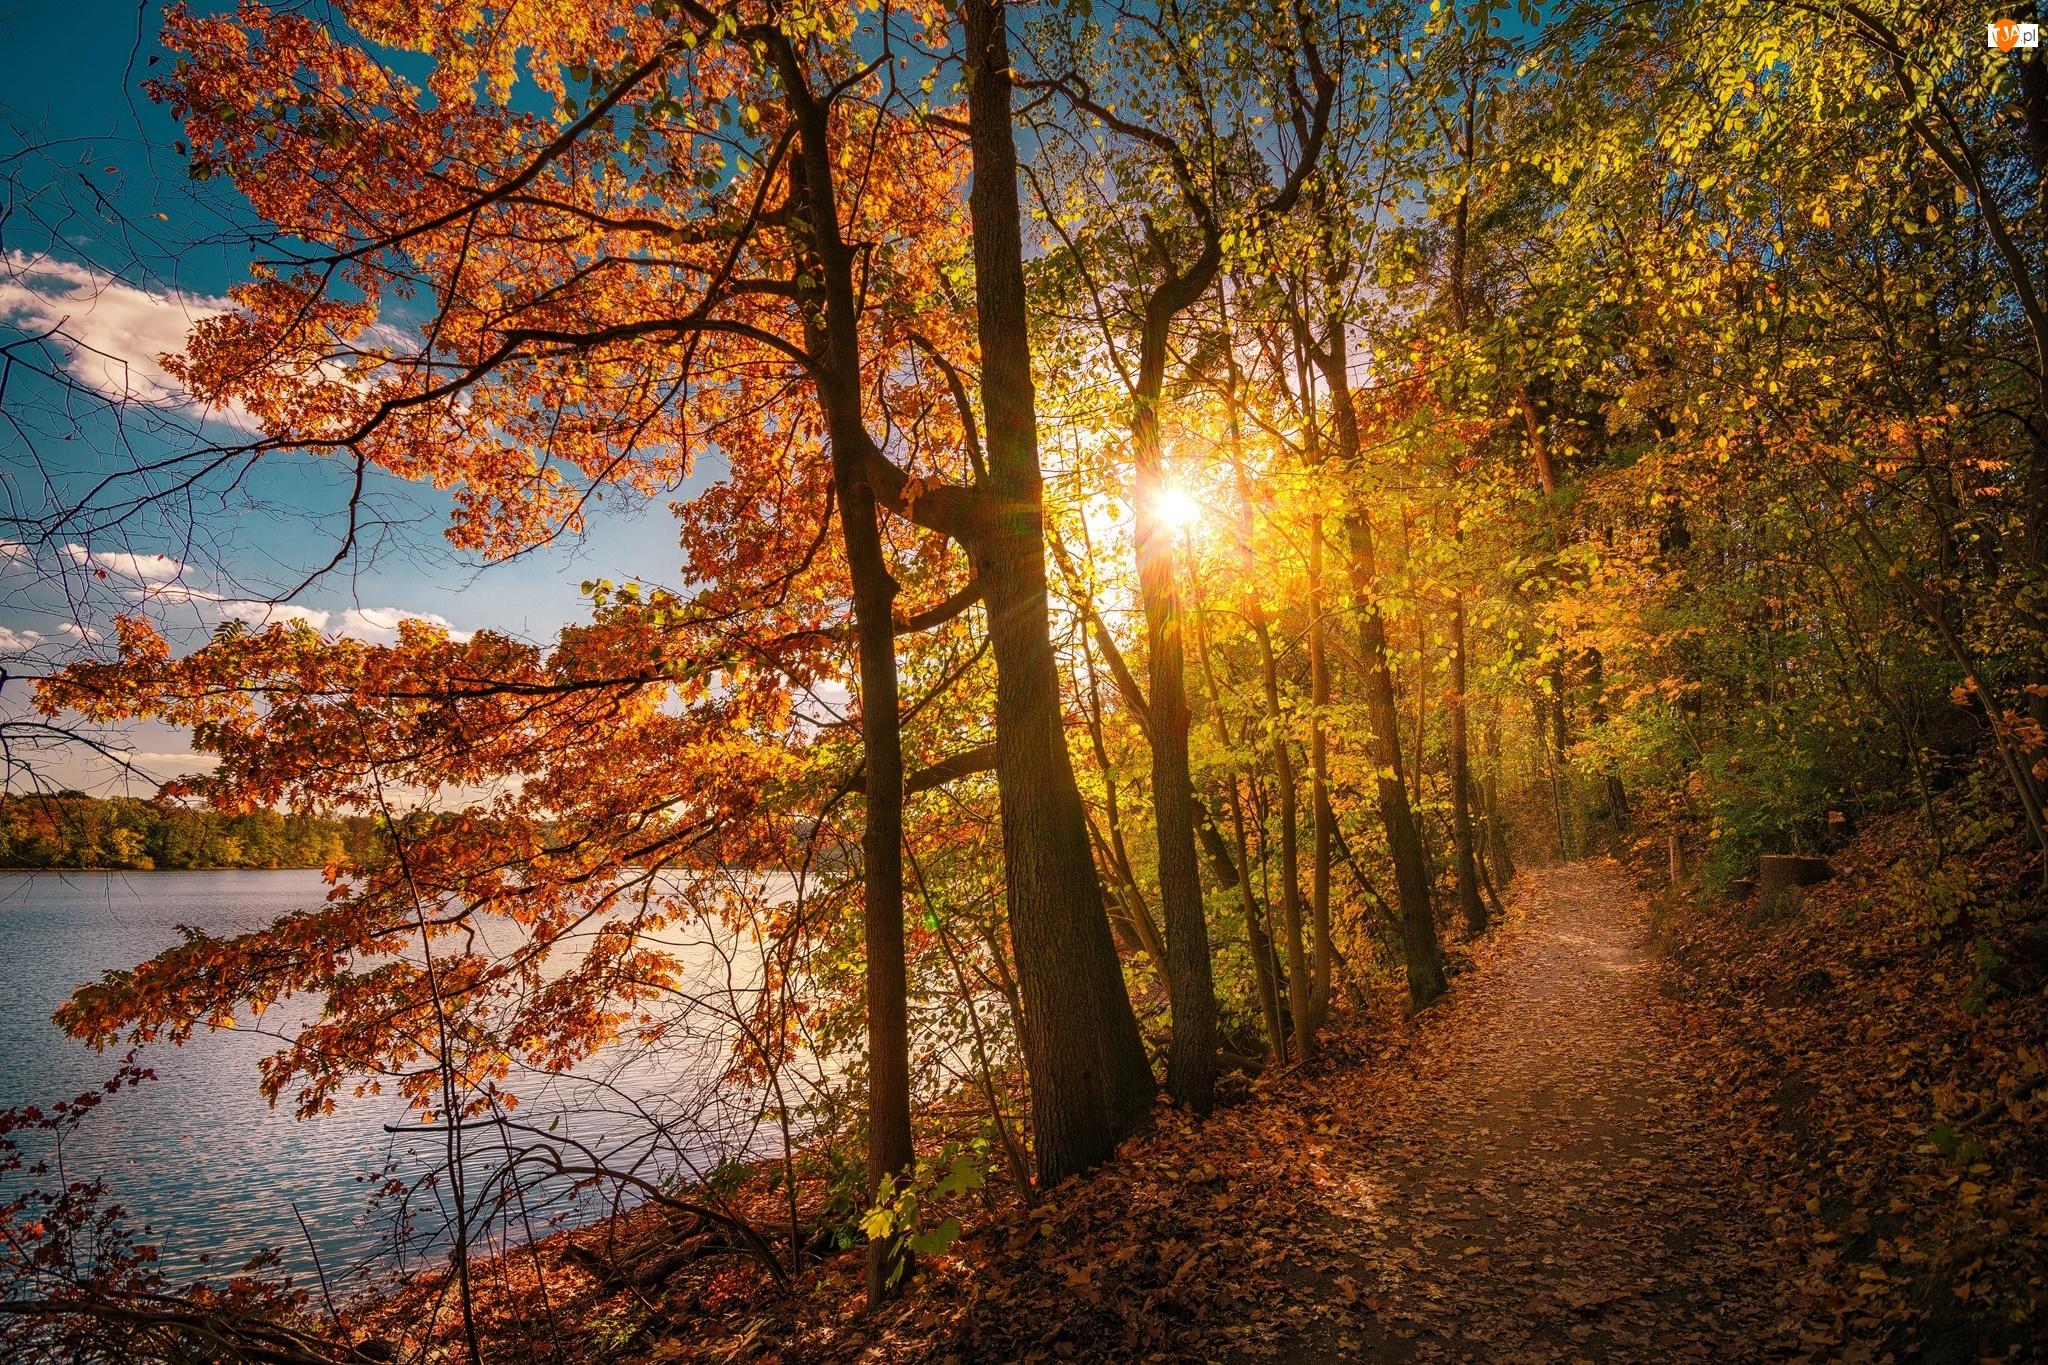 Jesień, Wschód słońca, Drzewa, Jezioro, Ścieżka